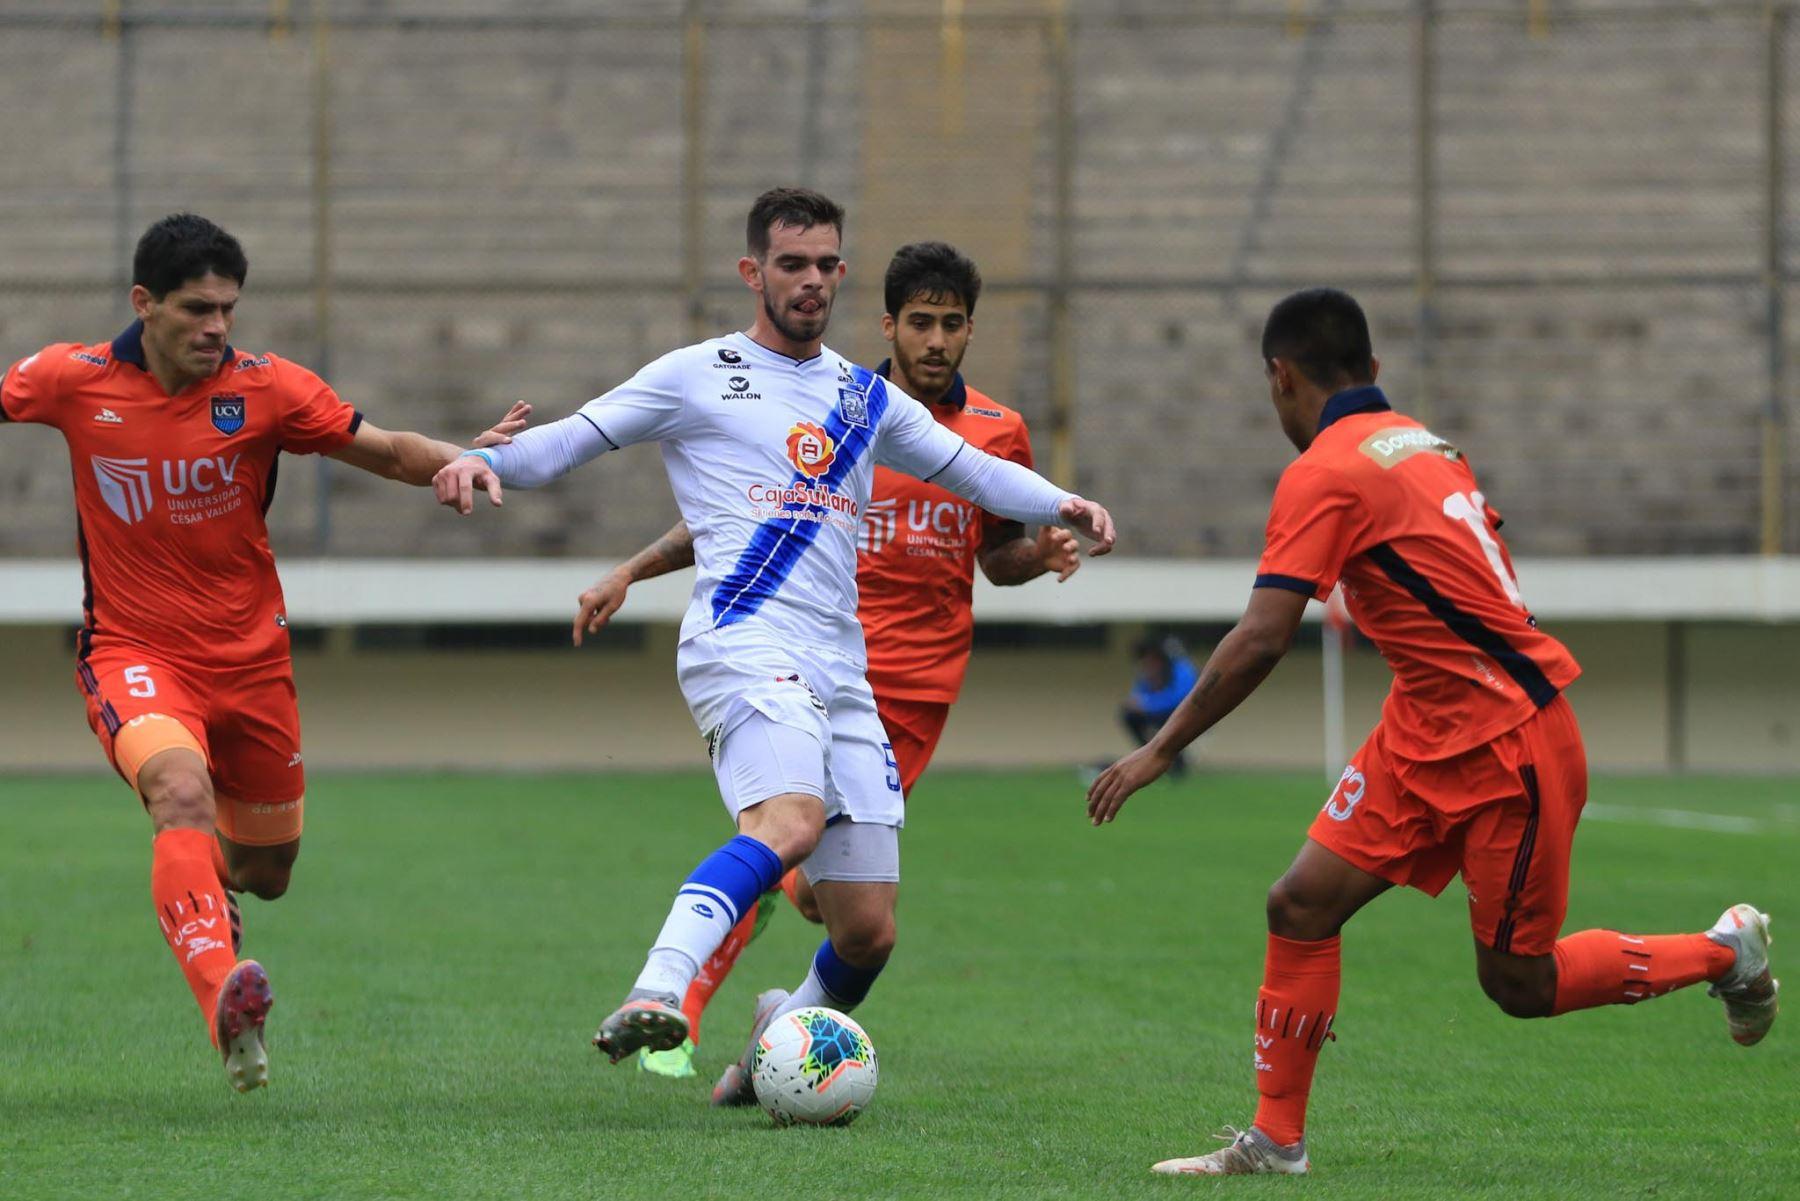 M. Ganosa de Alianza Atlético controla el balón ante la marca de de E. Ciucci de UCV durante partido por la tercera fecha de la Liga 1, en el Estadio Monumental. Foto: Liga 1